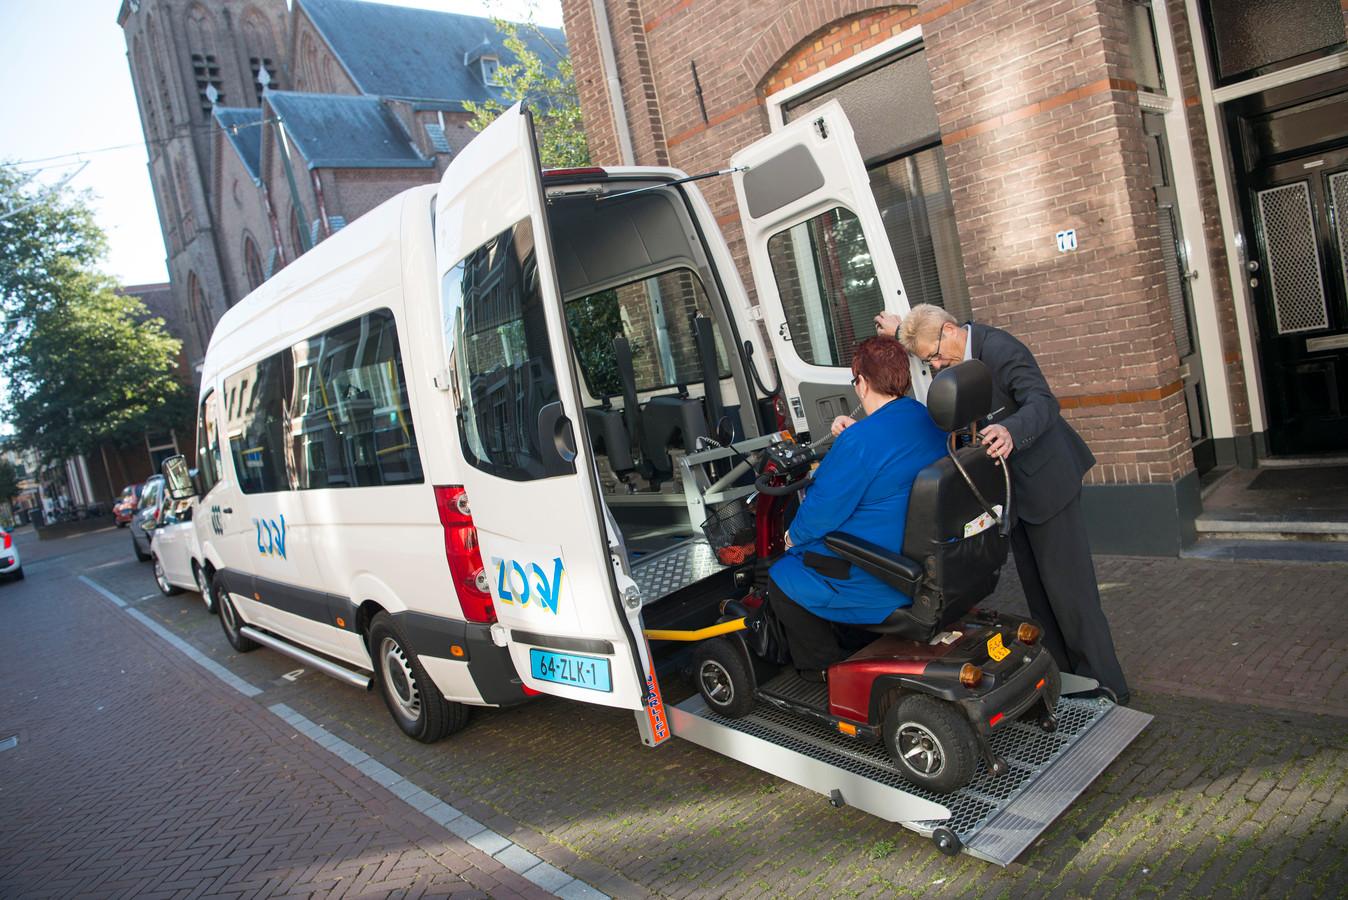 ZOOV verzorgt sinds 1 januari 2017 het vraagafhankelijk vervoer in de regio Achterhoek.